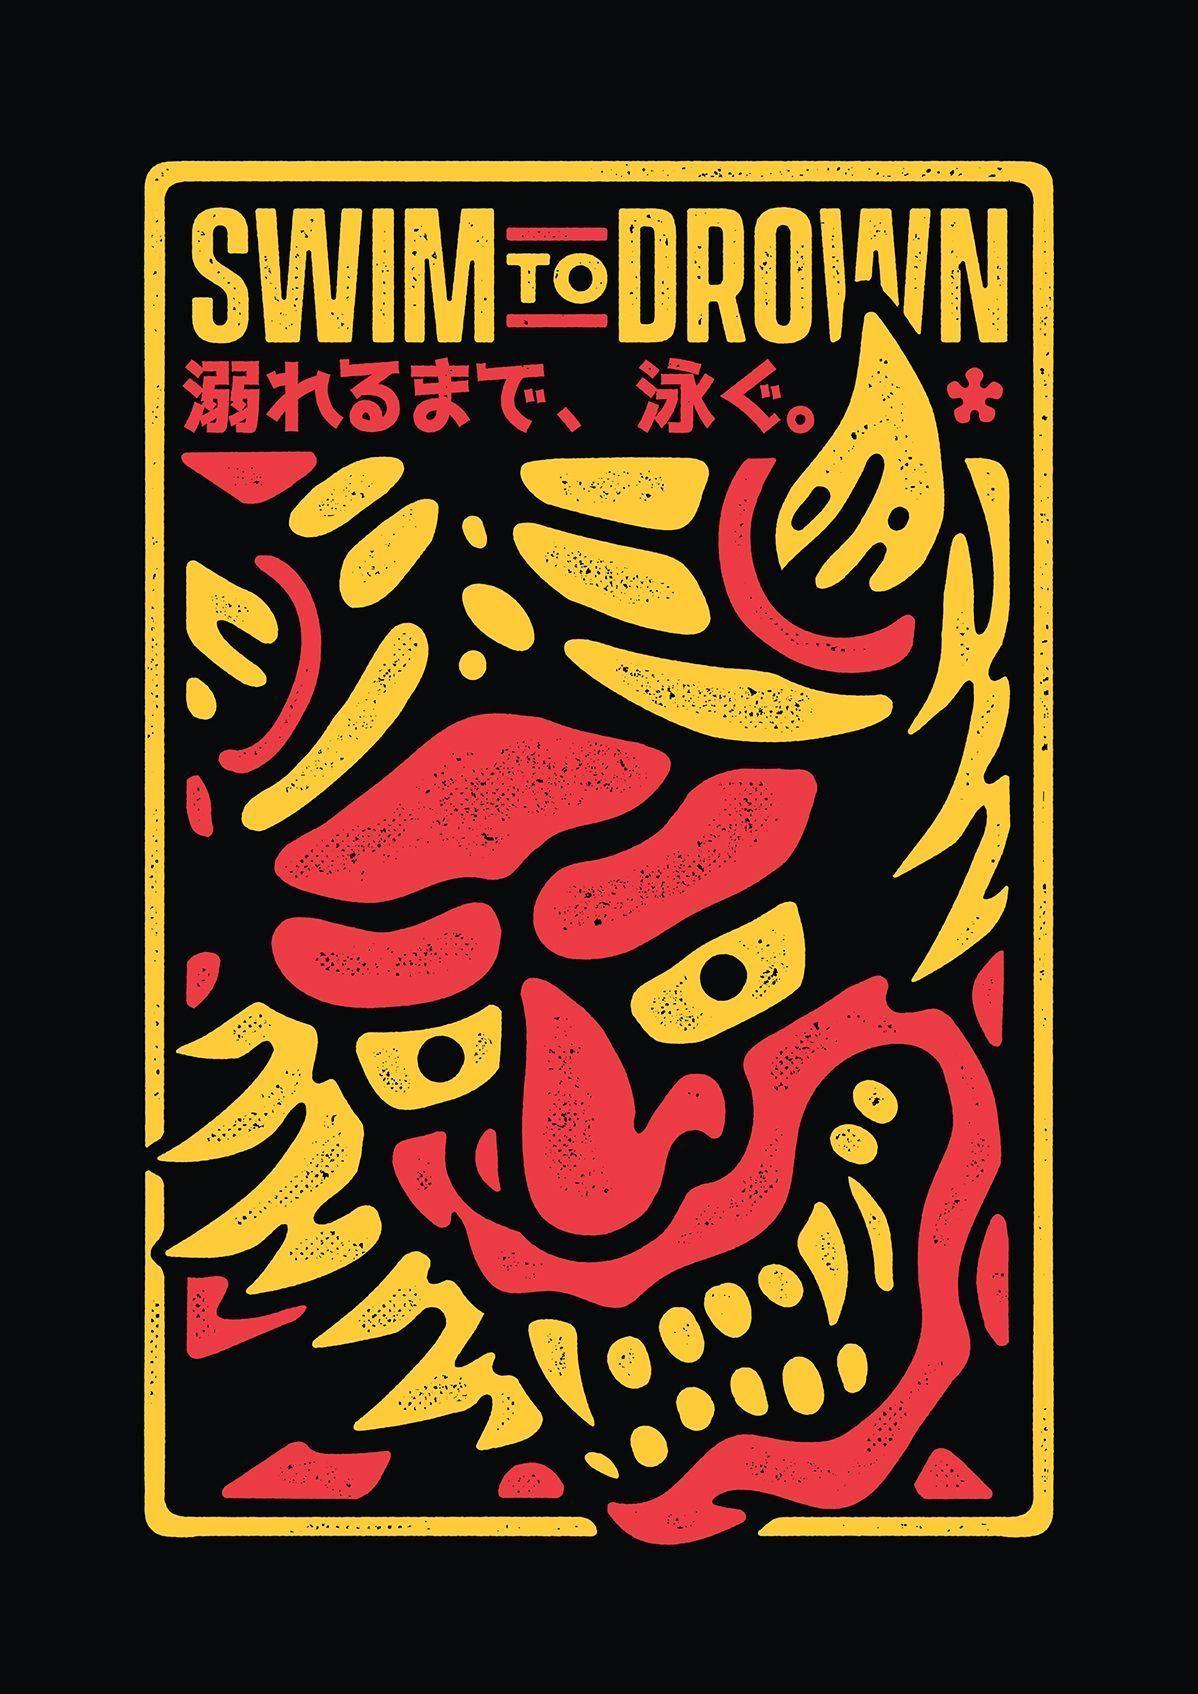 Mixergraph Swim To Drown Print